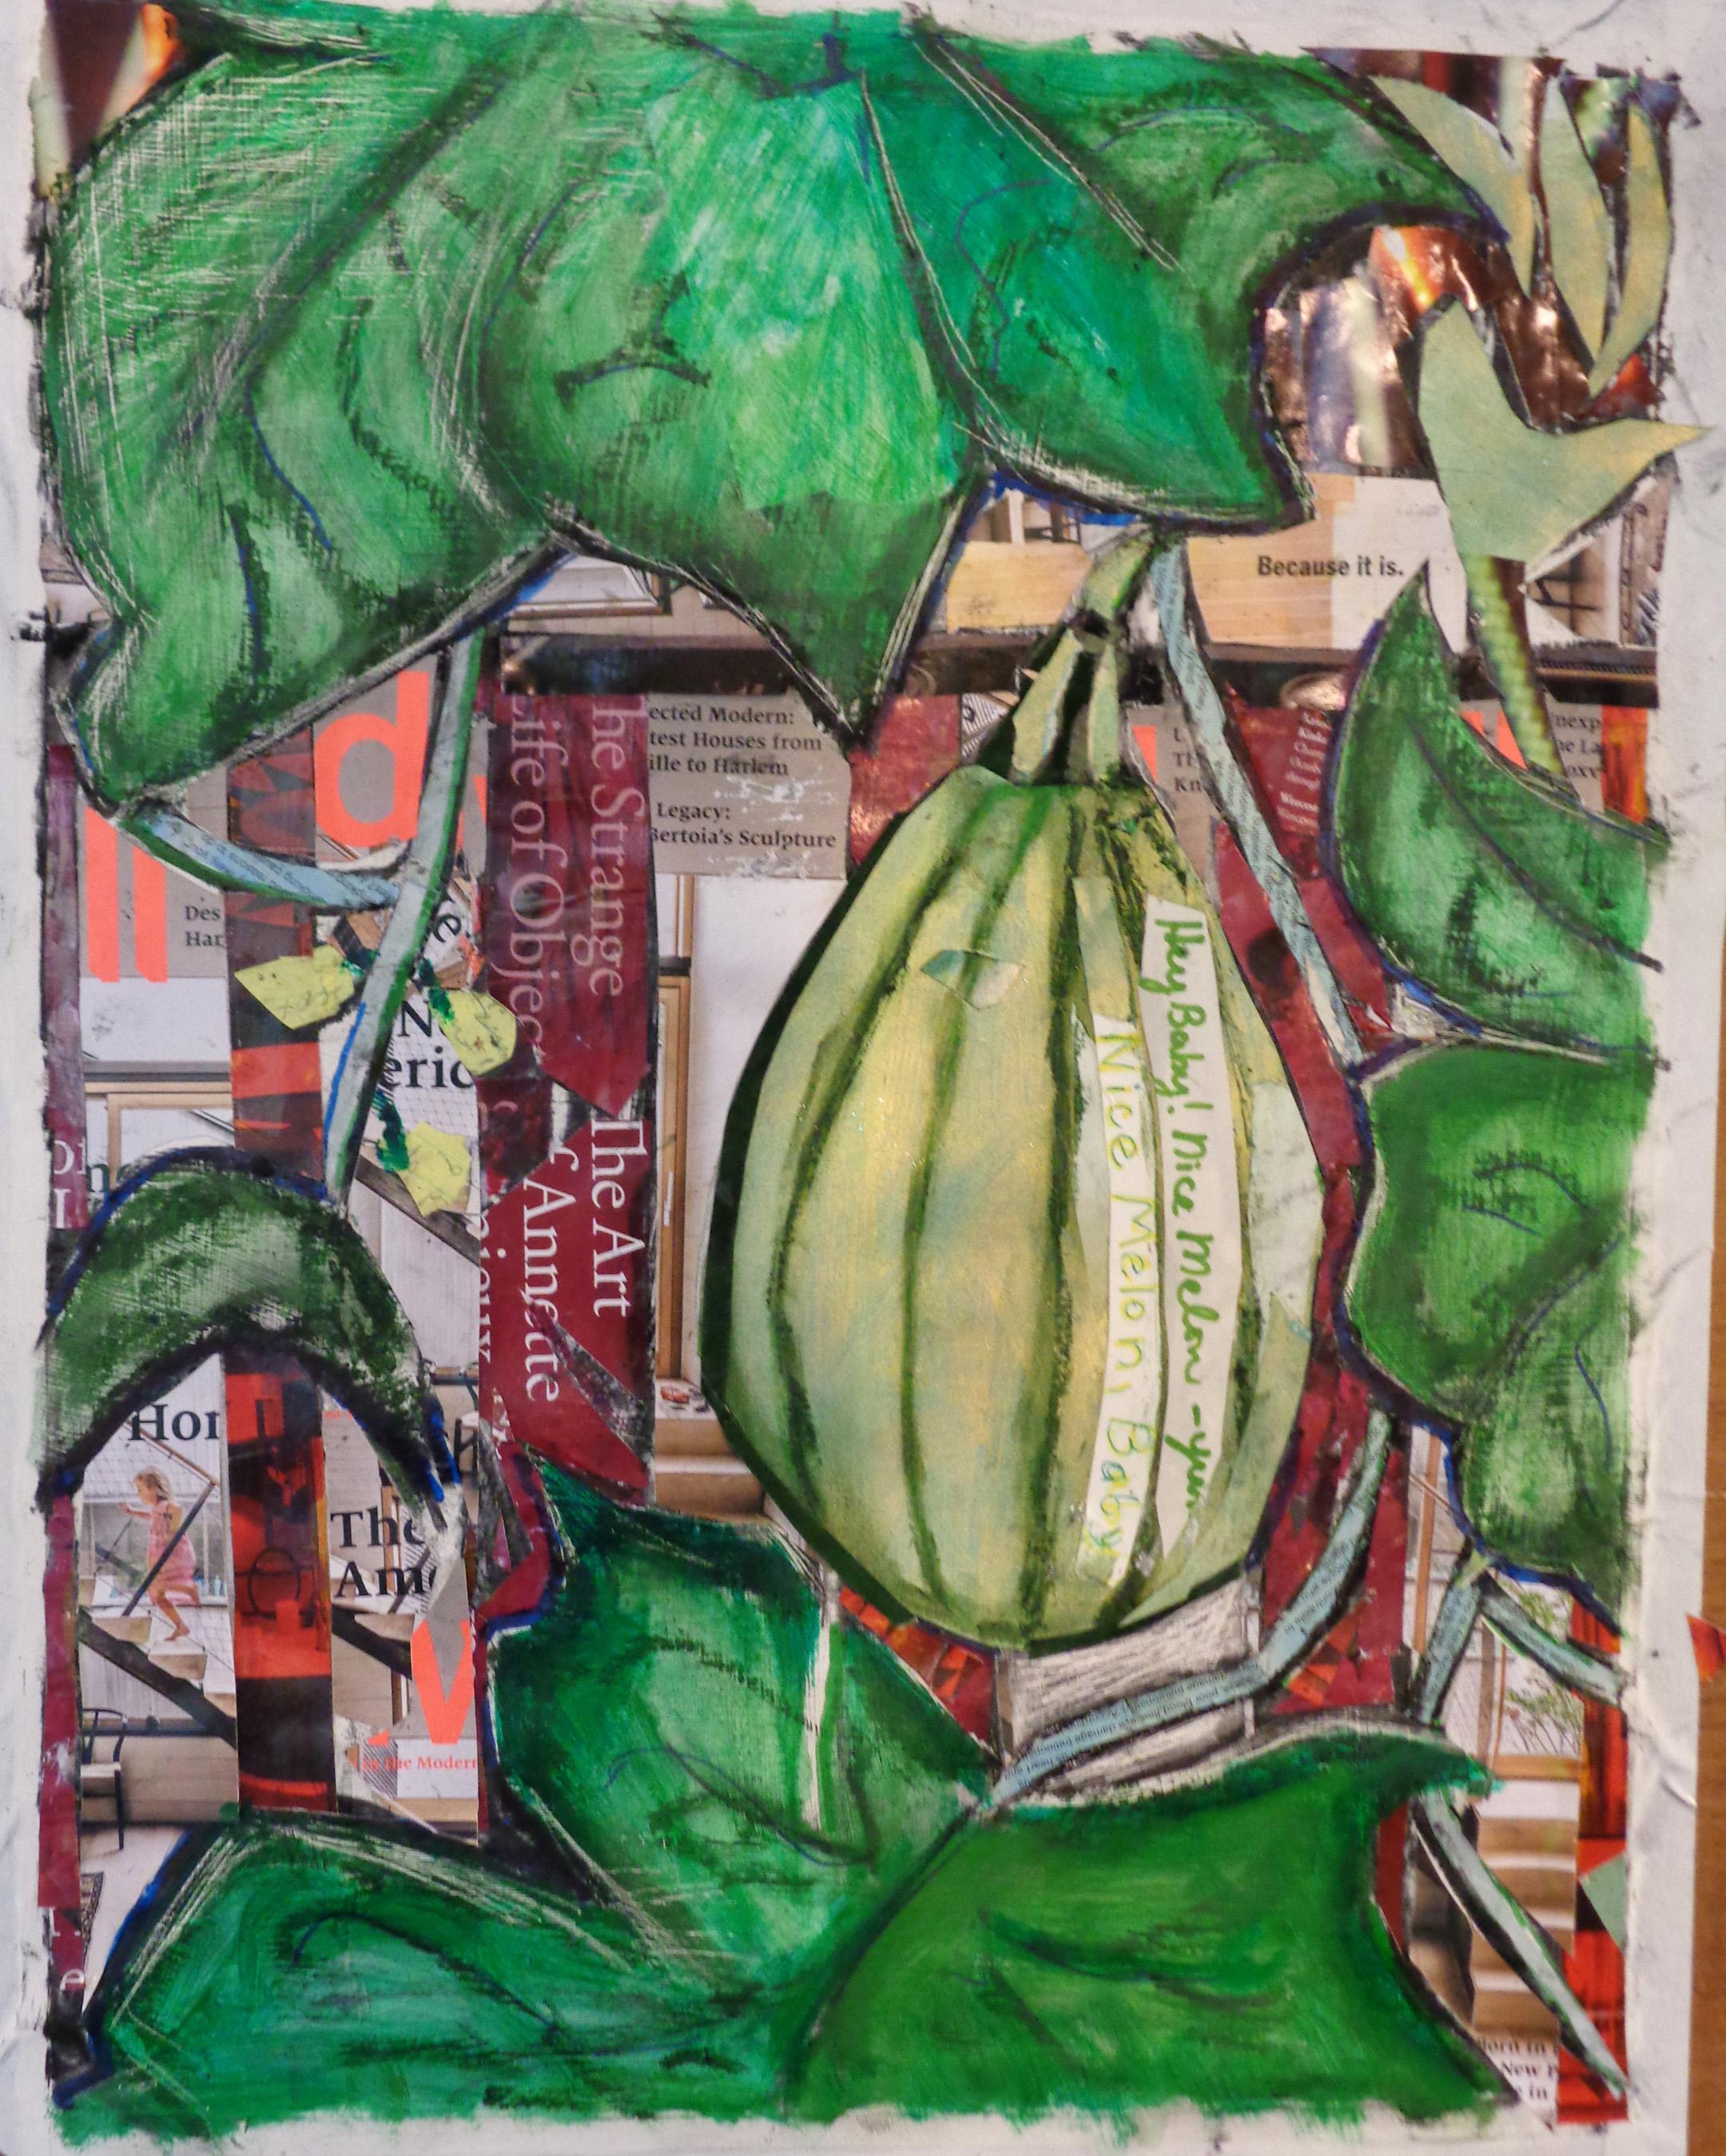 1 July Nice Melon Baby in progress.jpg